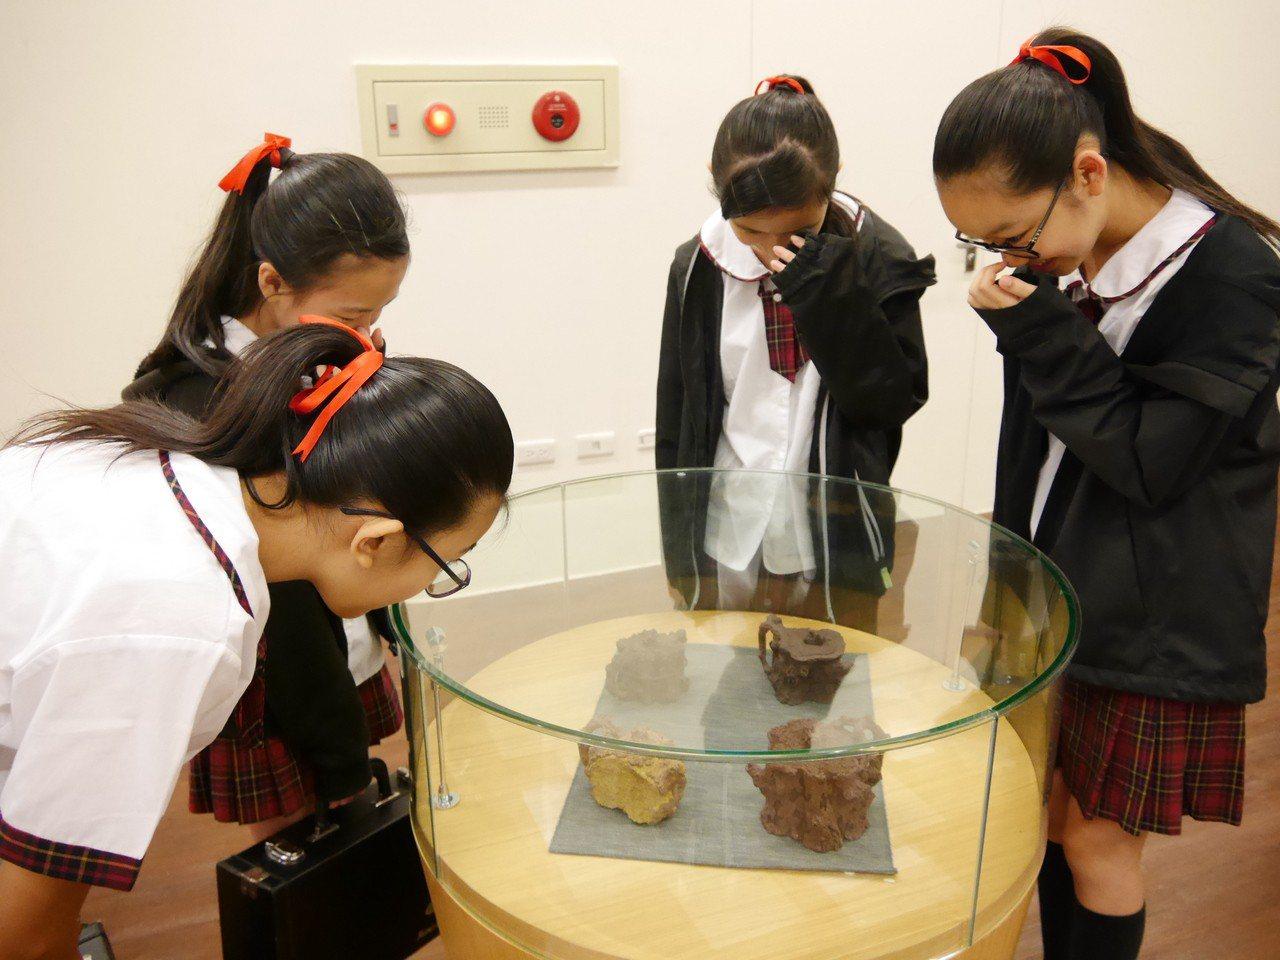 「陶雕之聲、木藝迴響」謝鴻達陶瓷工藝特展4月3日起在台灣客家文化館推出。圖/客發...